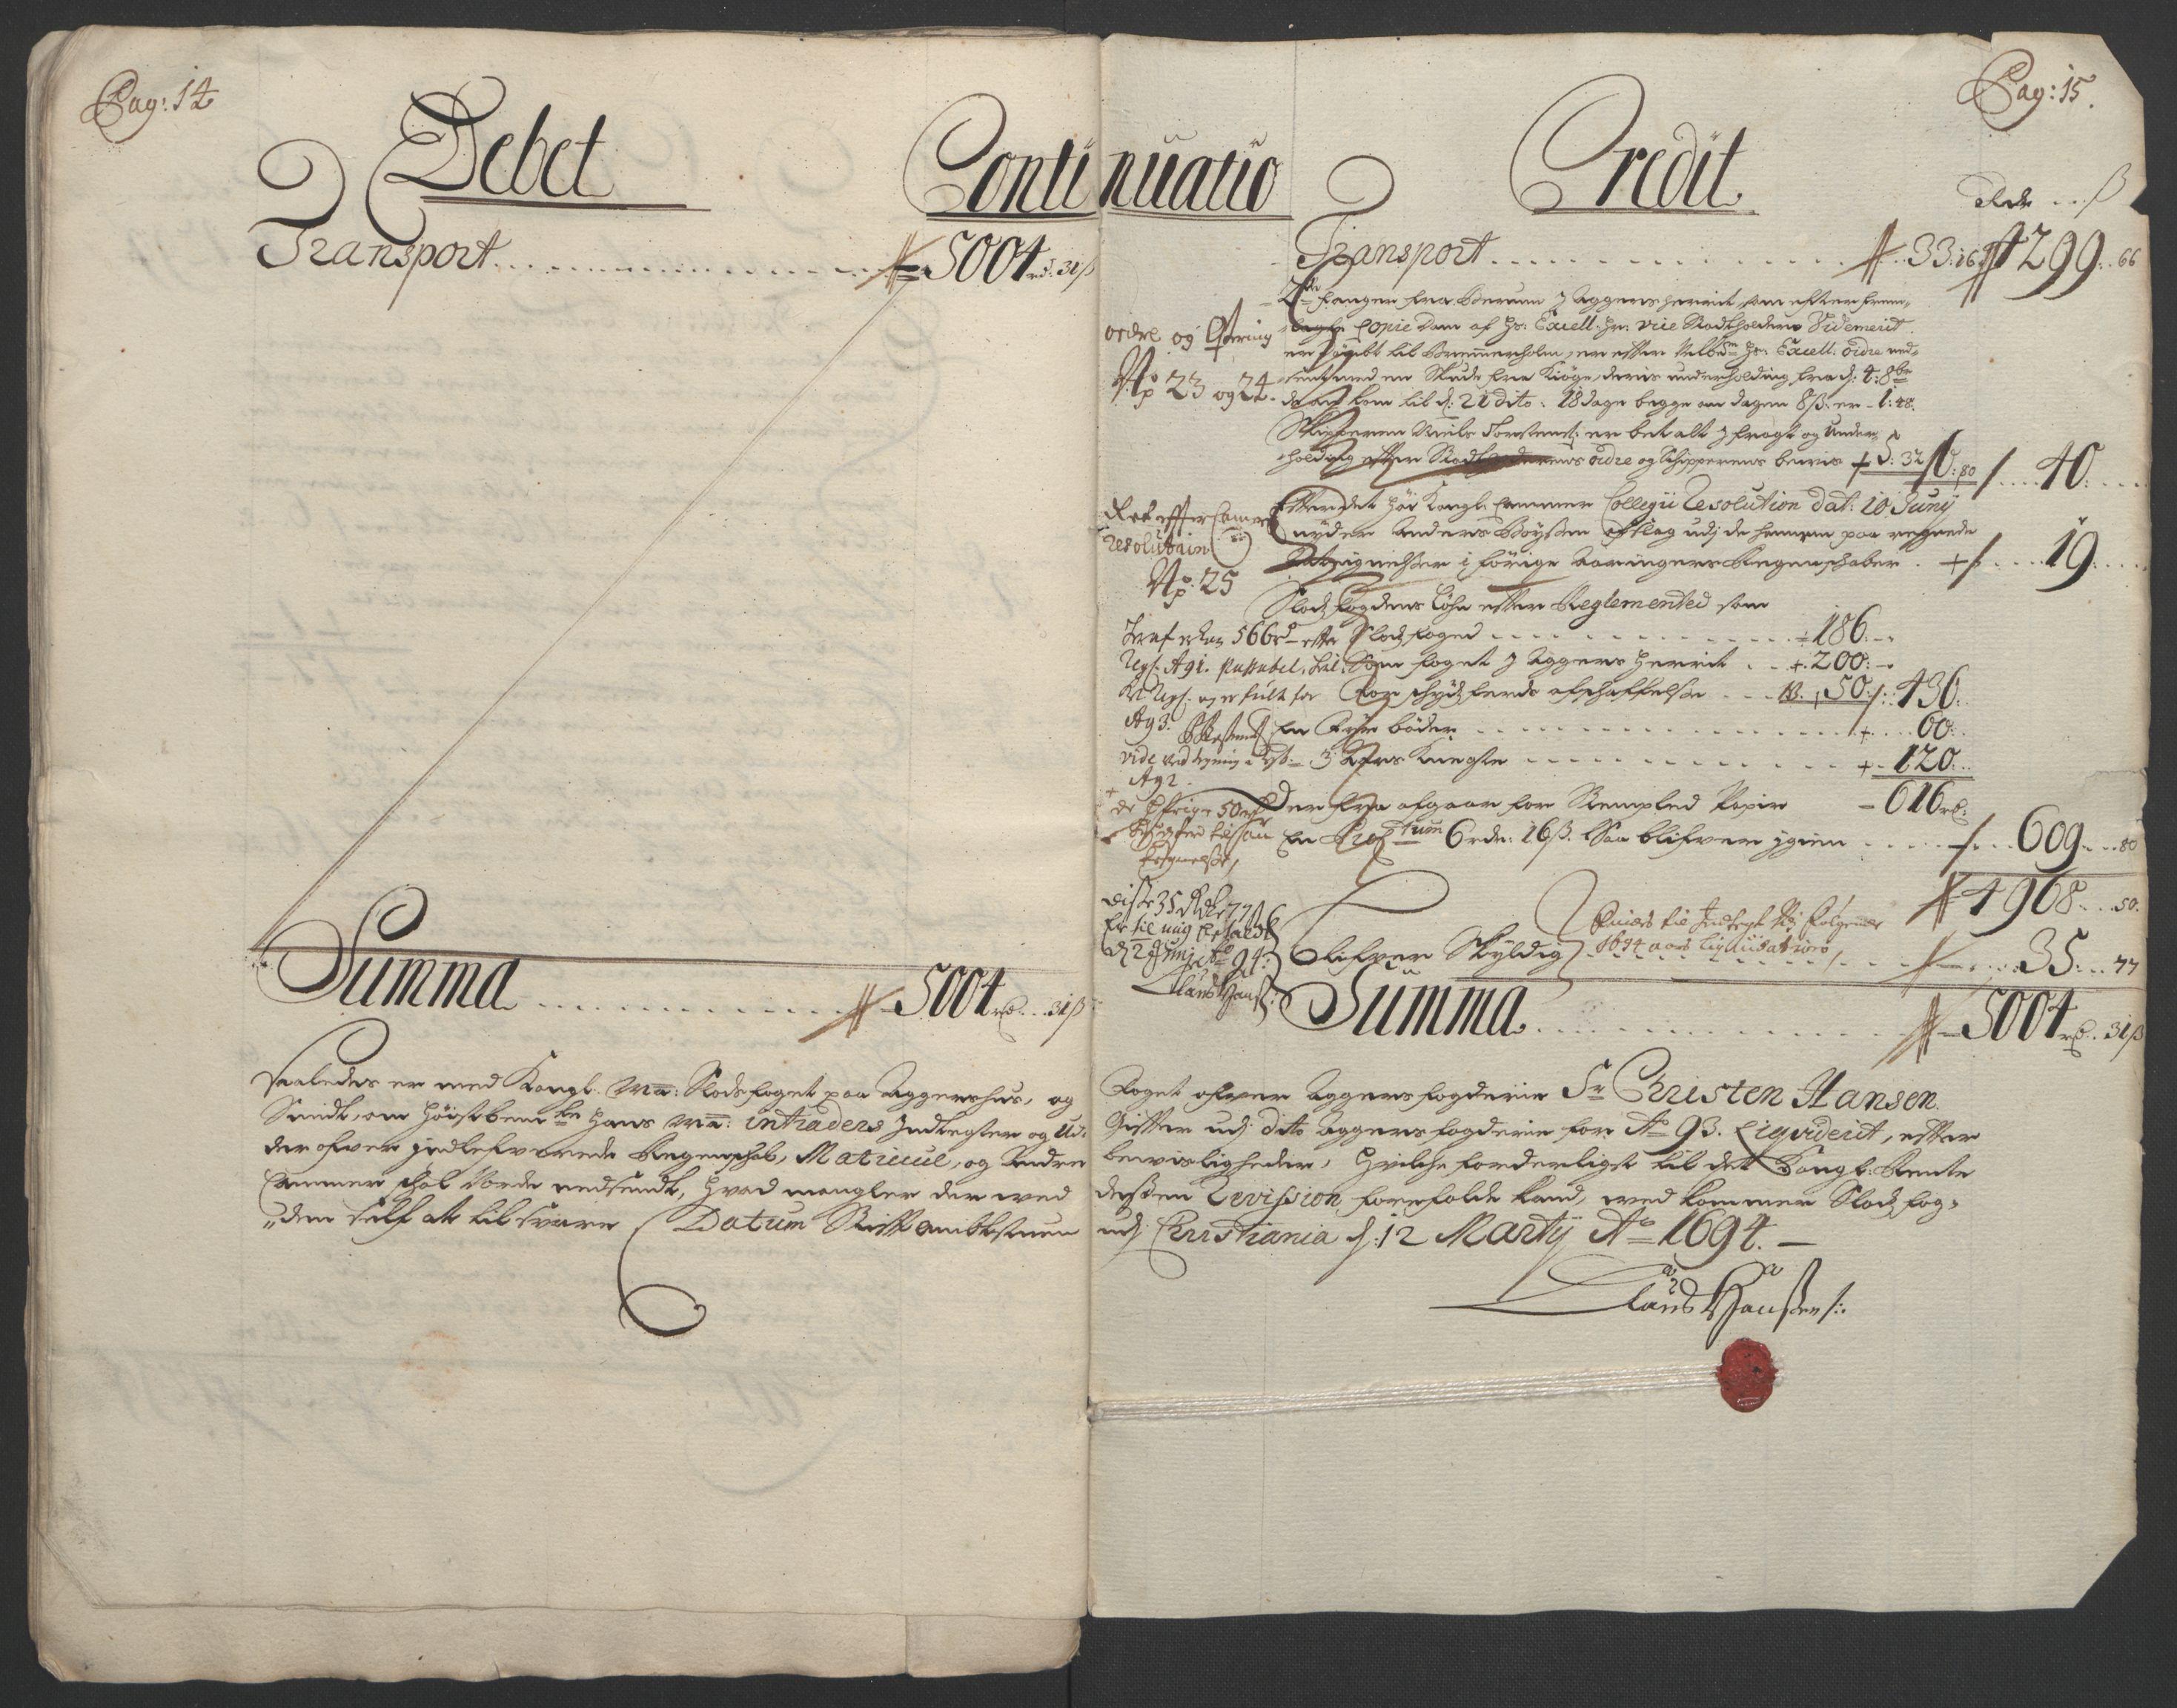 RA, Rentekammeret inntil 1814, Reviderte regnskaper, Fogderegnskap, R08/L0426: Fogderegnskap Aker, 1692-1693, s. 283